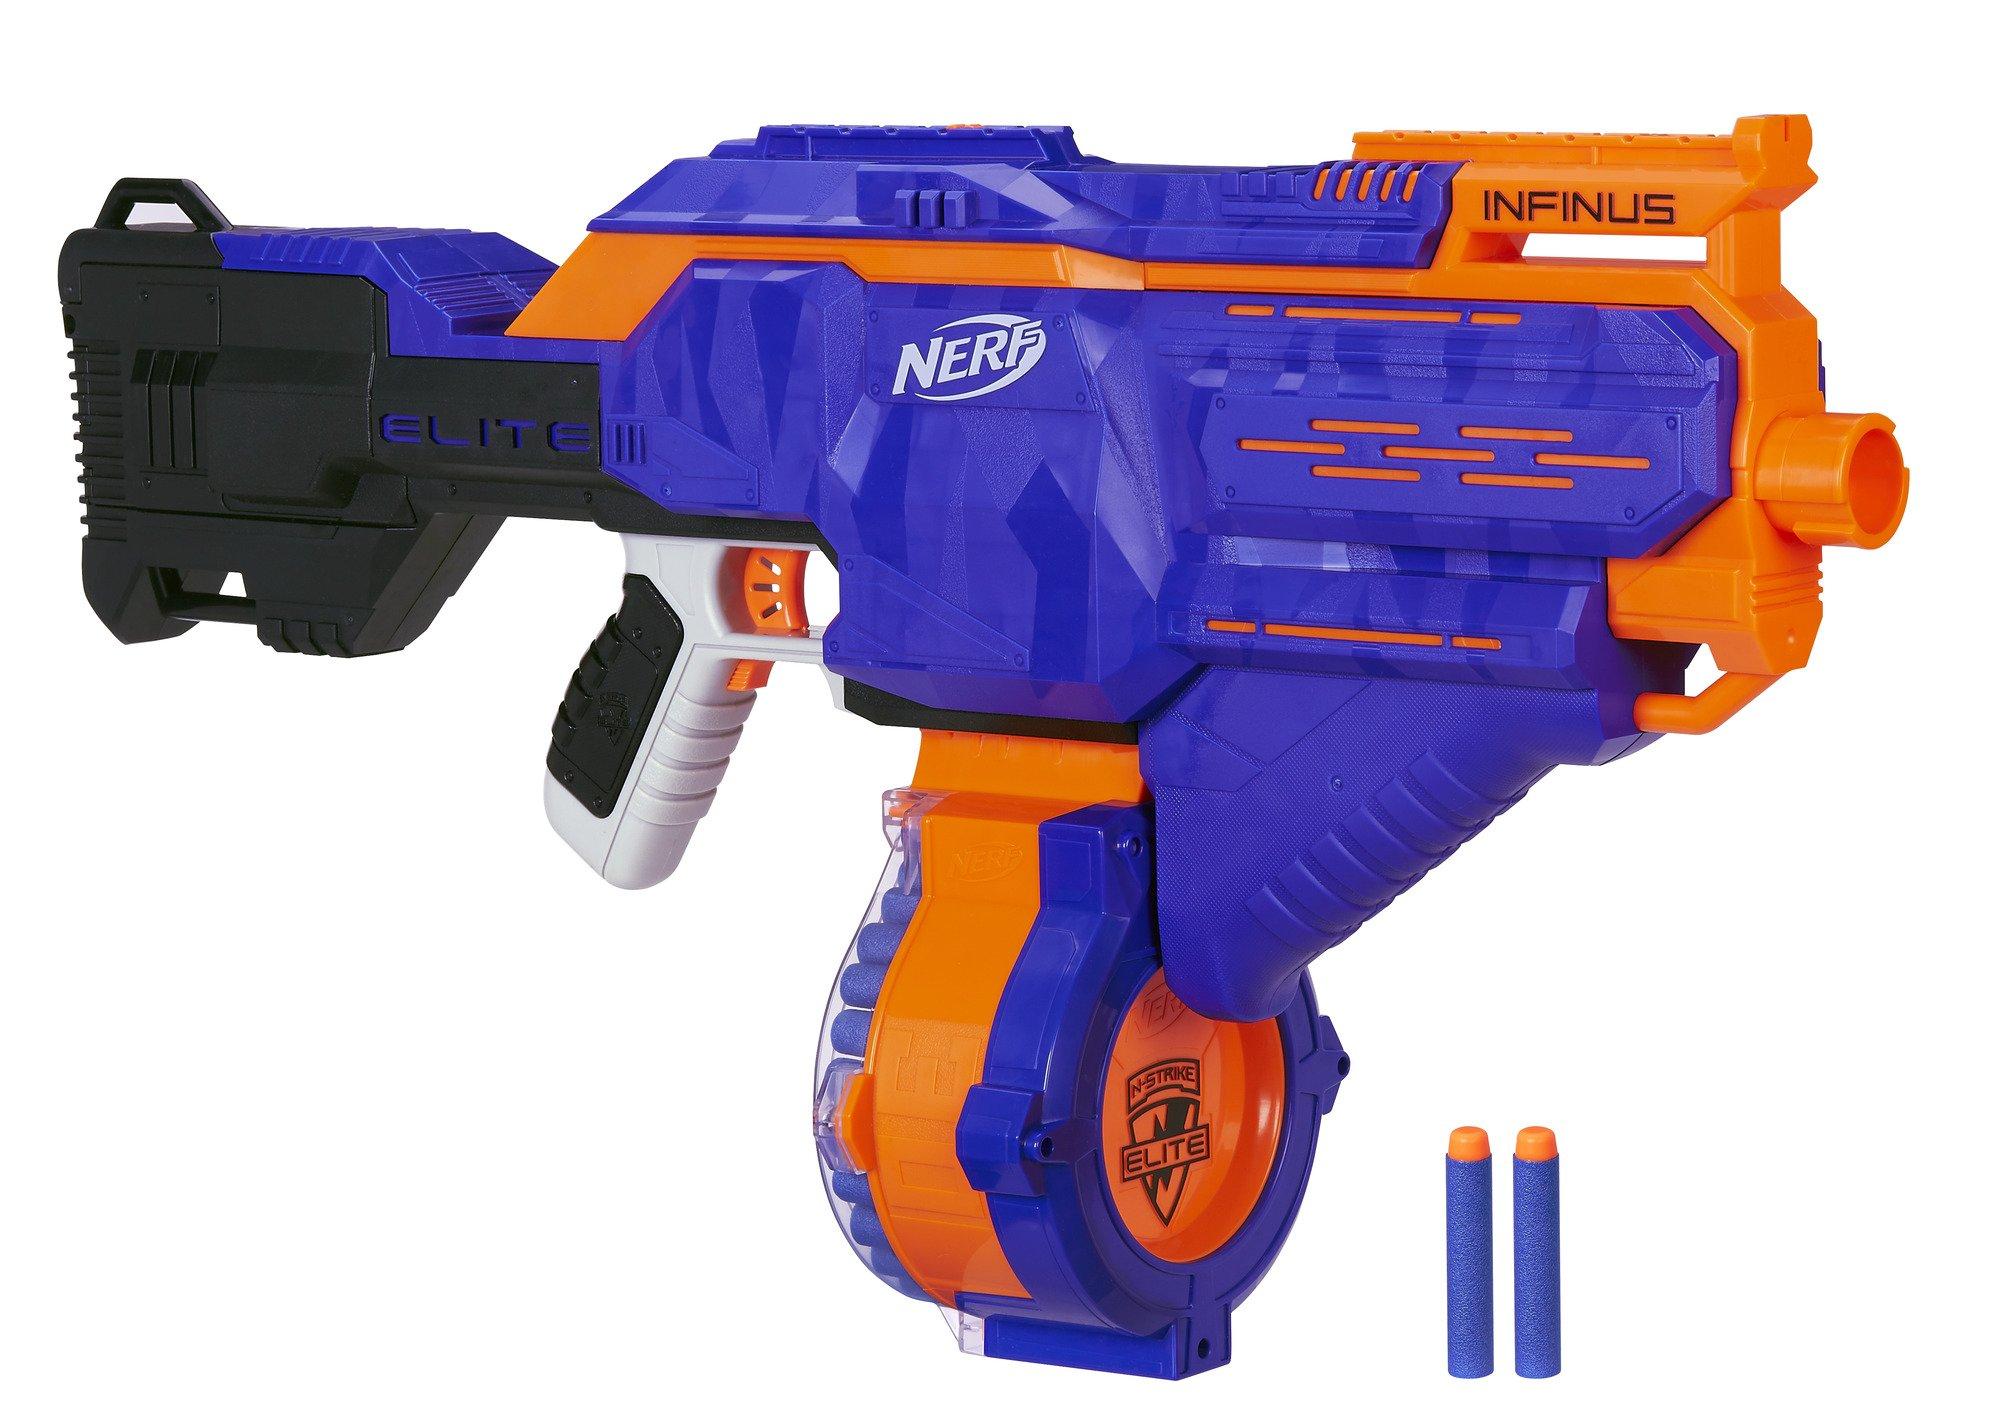 Hasbro Nerf E0438EU4 Nerf N-Strike Elite Infinus, voll-motorisierter Spielzeug-Blaster, mit Schnell-Lade-Technologie…